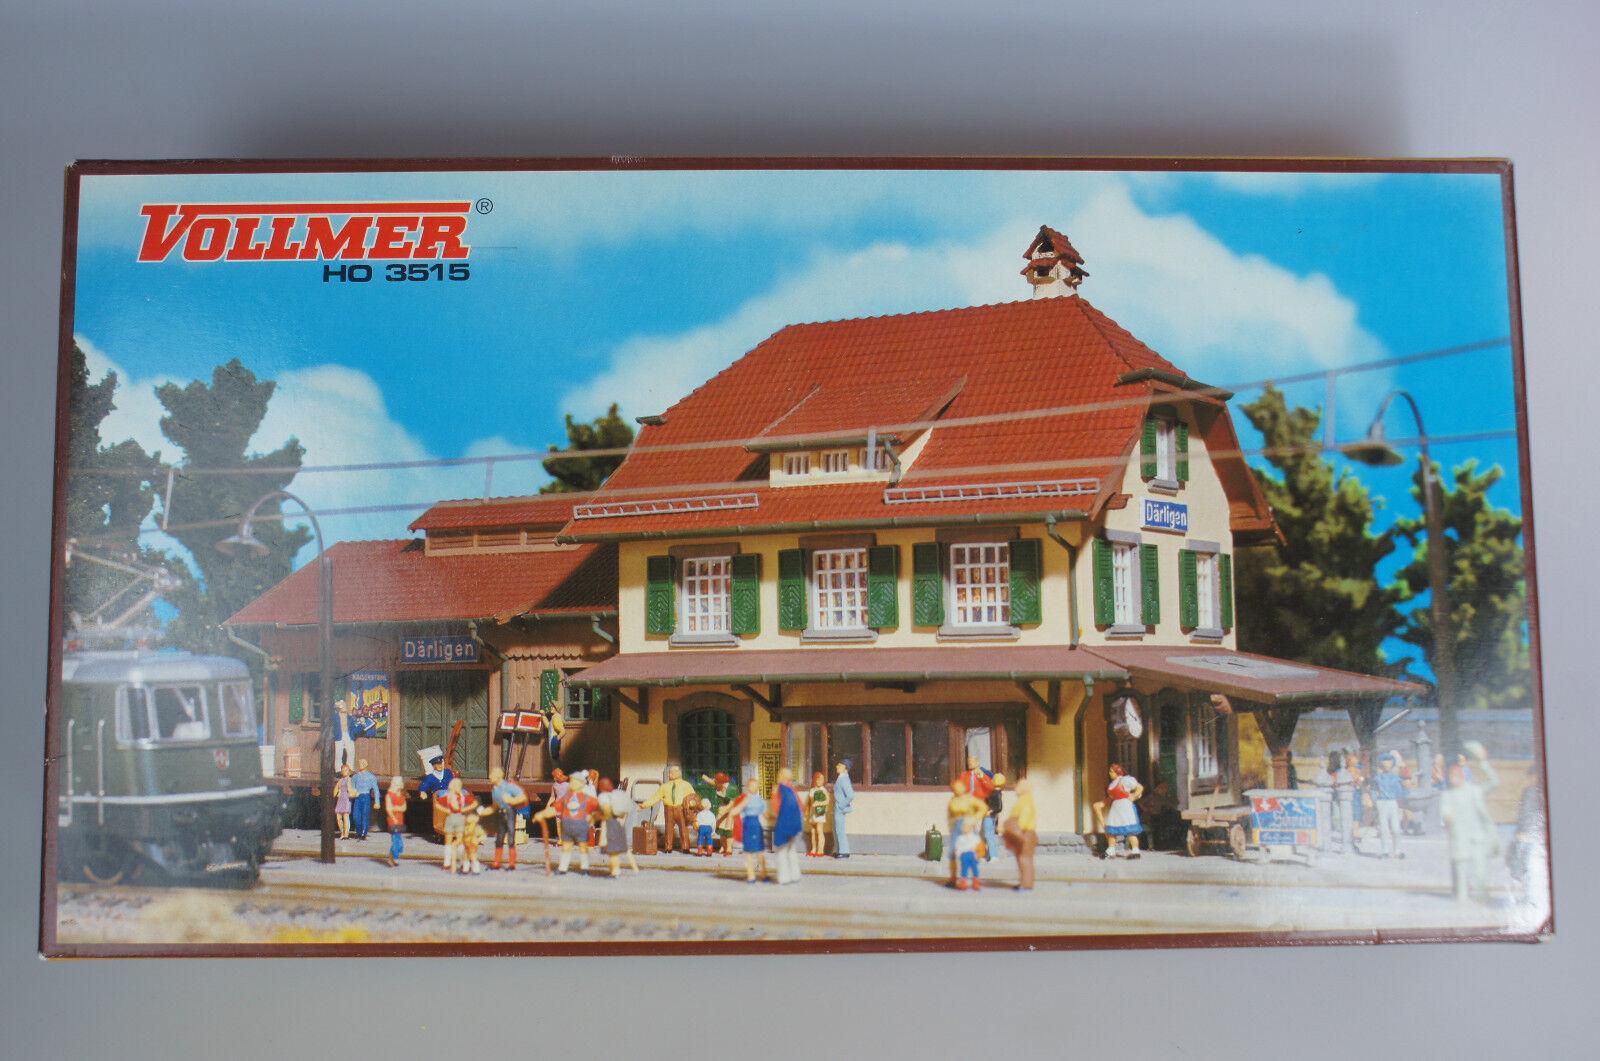 VOLLMER 3515 stazione ferroviaria Därligen HO SCATOLA ORIGINALE